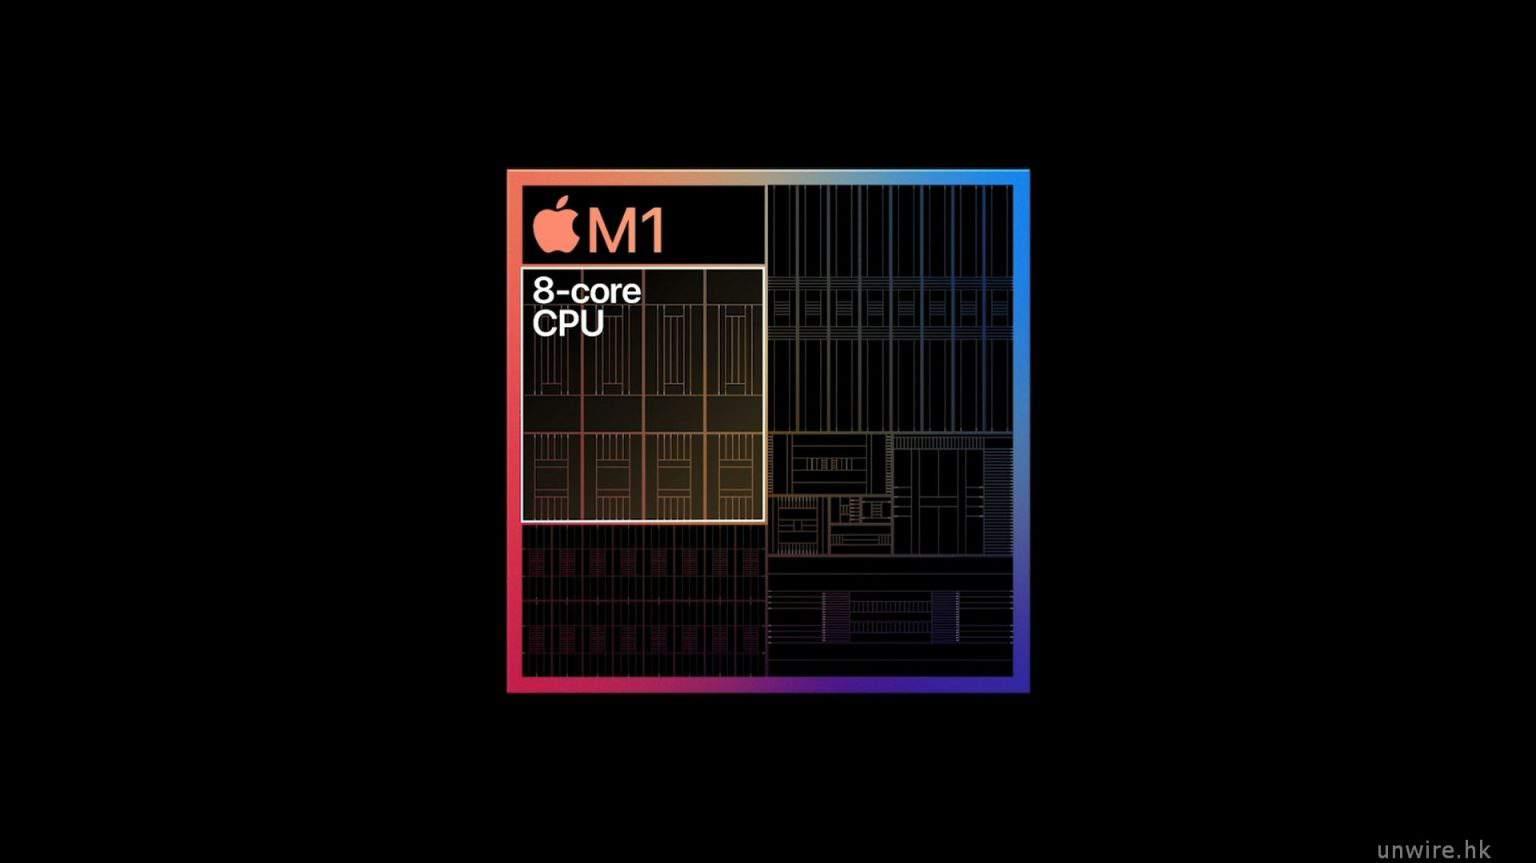 【懶人包】iPad Pro 2021 M1版 mini-LED 價錢 詳細規格 新功能 香港開賣 - 香港 ...